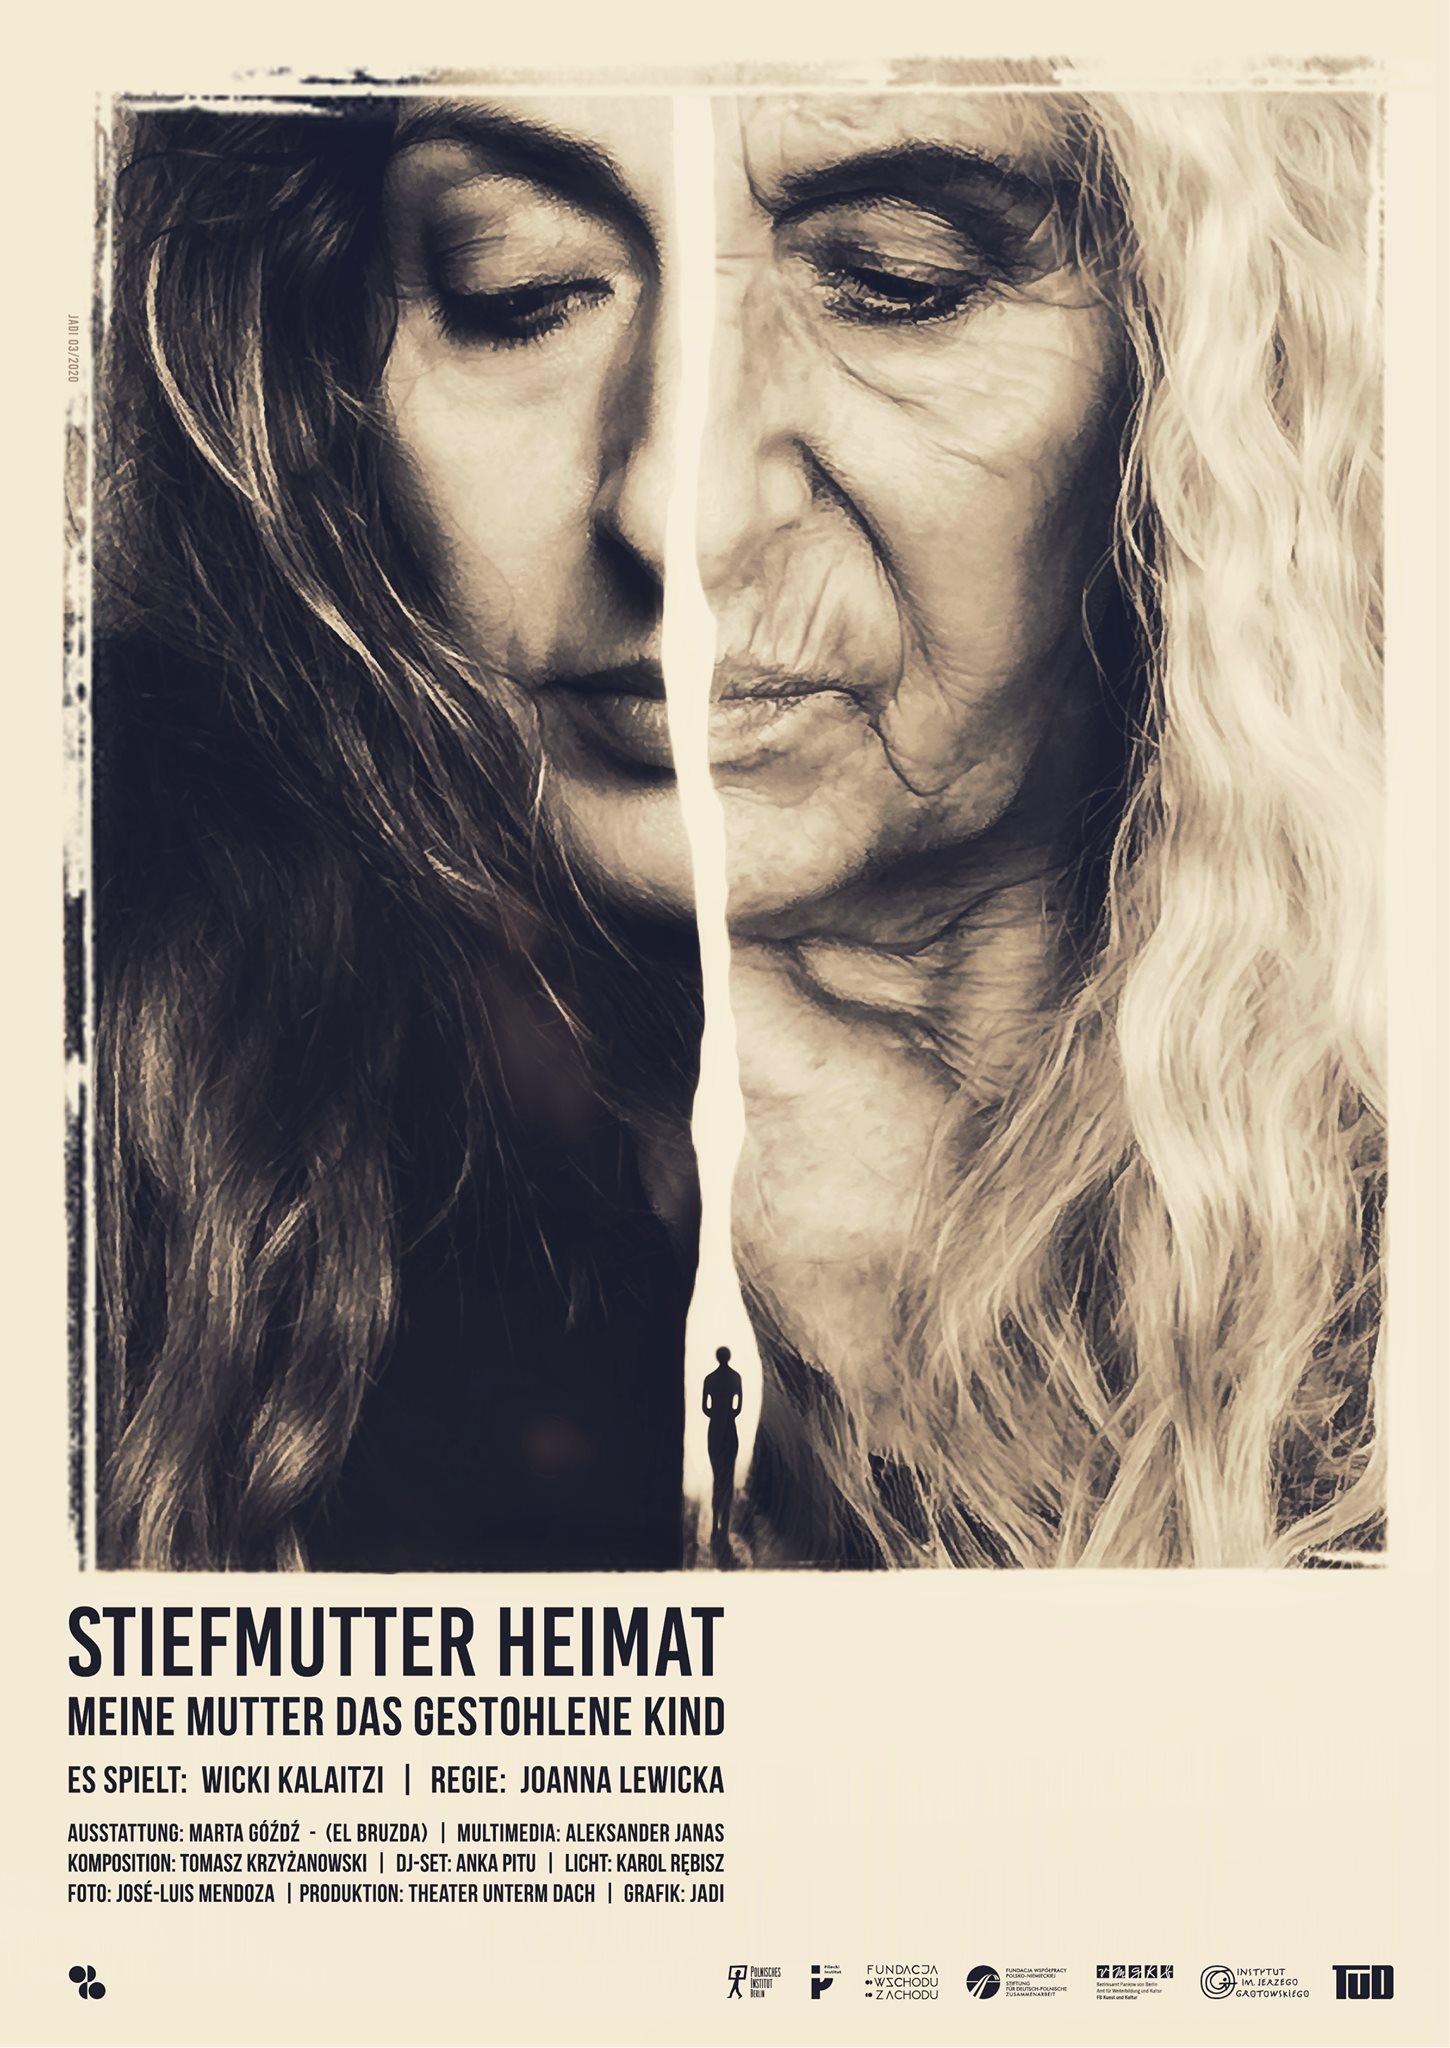 Poster Stiefmutter Heimat Meine Mutter Das Gestohlene Kind